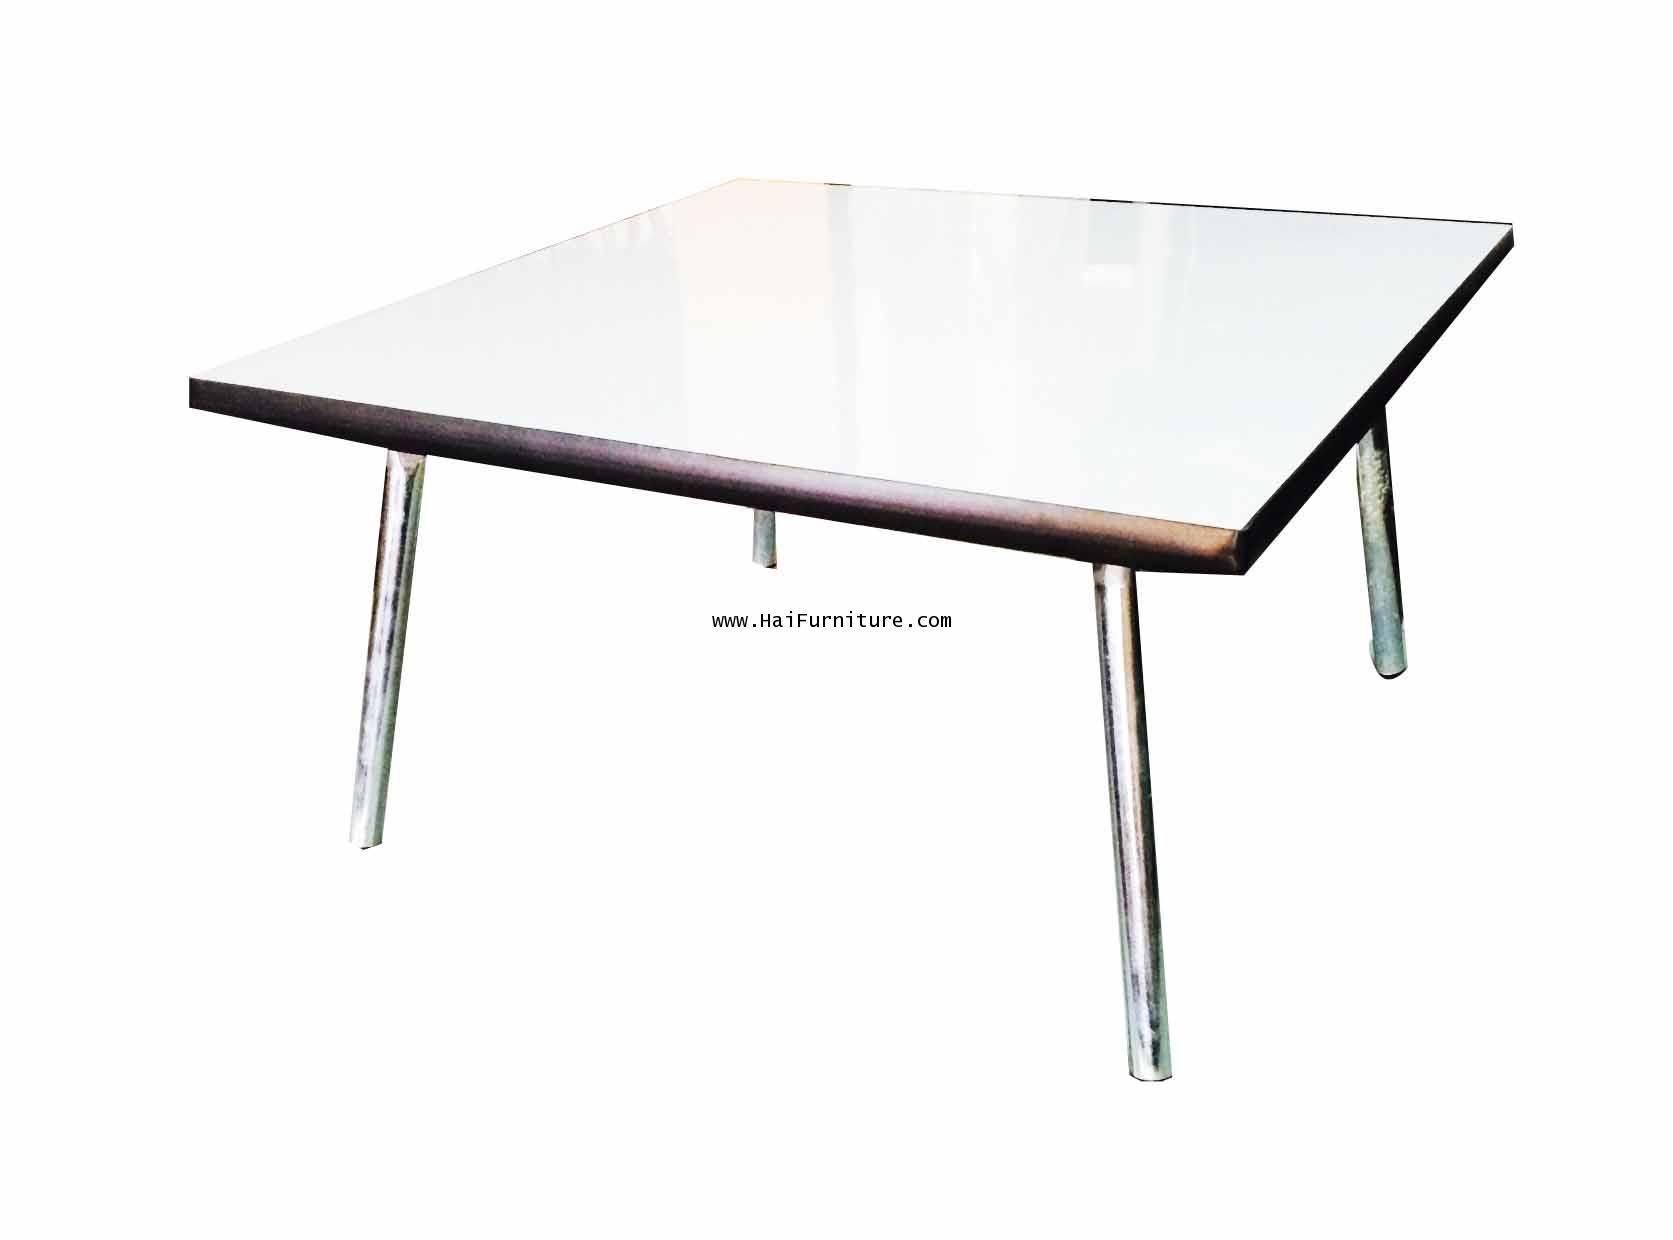 โต๊ะพับญี่ปุ่นหน้าโฟเมกา สีขาว